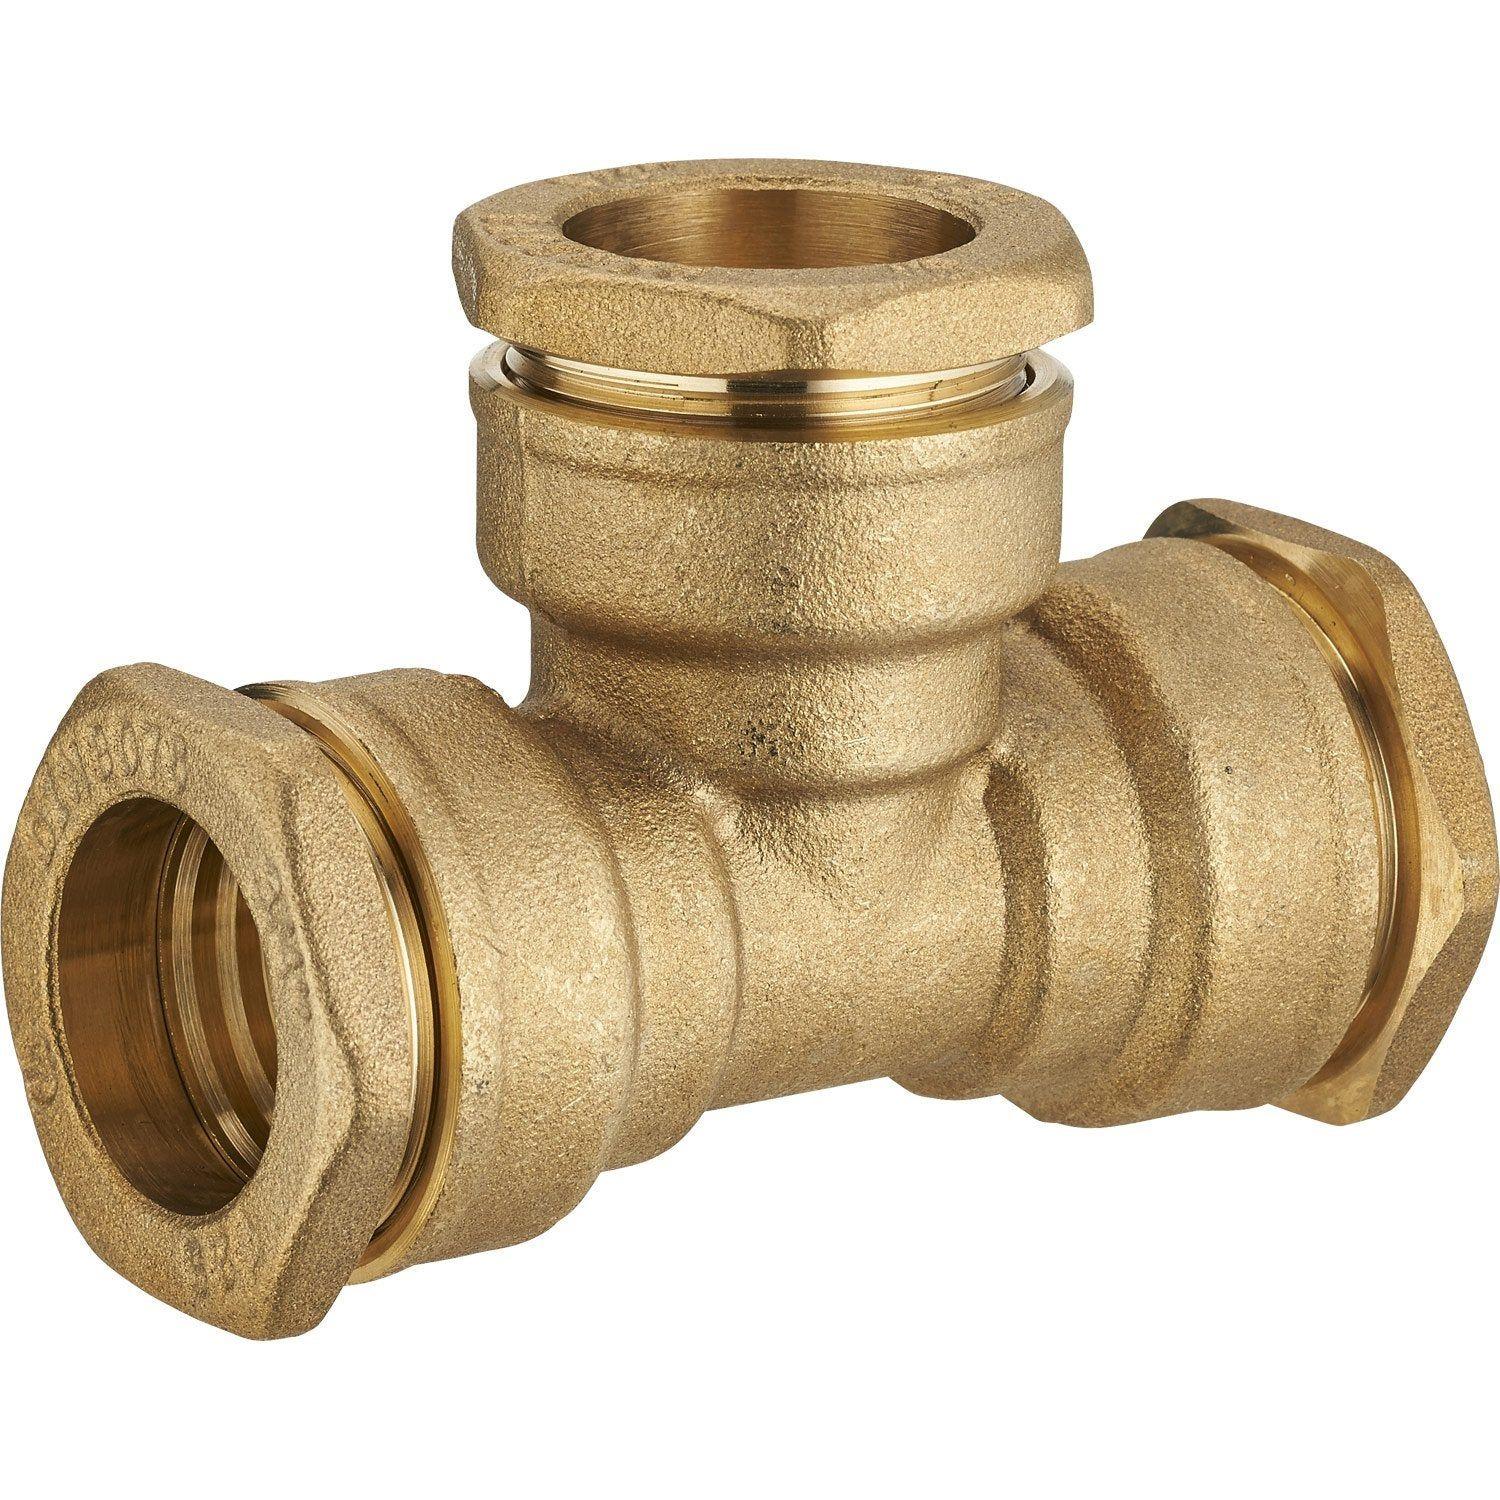 Te A Compression Laiton D 32 Pour Tube En Polyethylene Raccord Laiton Laiton Et Polyethylene